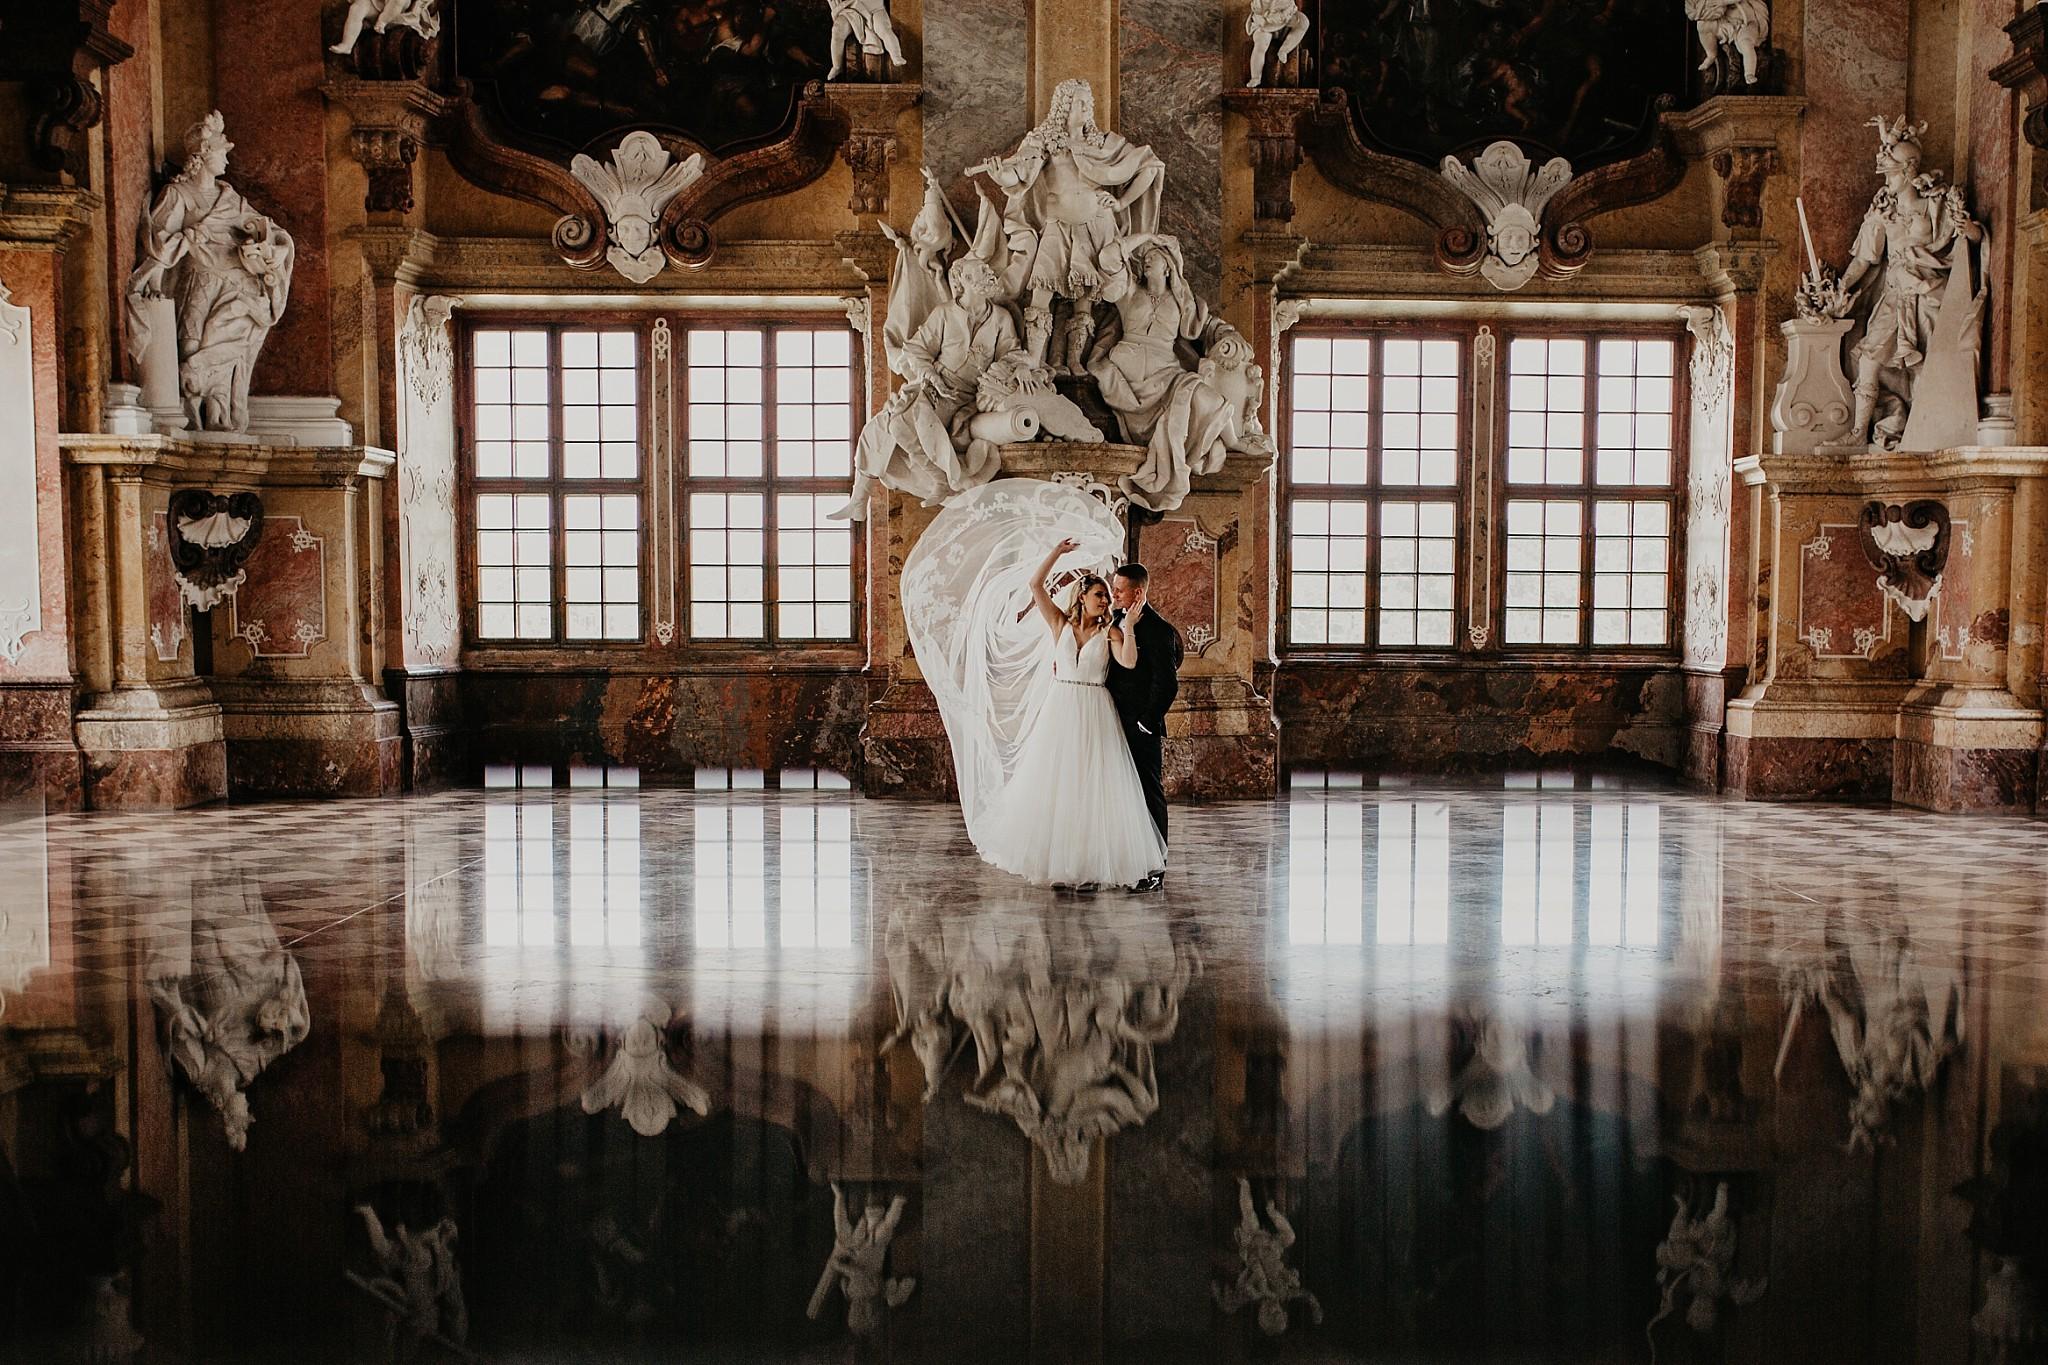 lubiaz opactwo cystersow sesja na zamku sesja zdjeciowa sesja slubna w palacu sesja palac fotograf z poznania fotografia slubna poznan 049